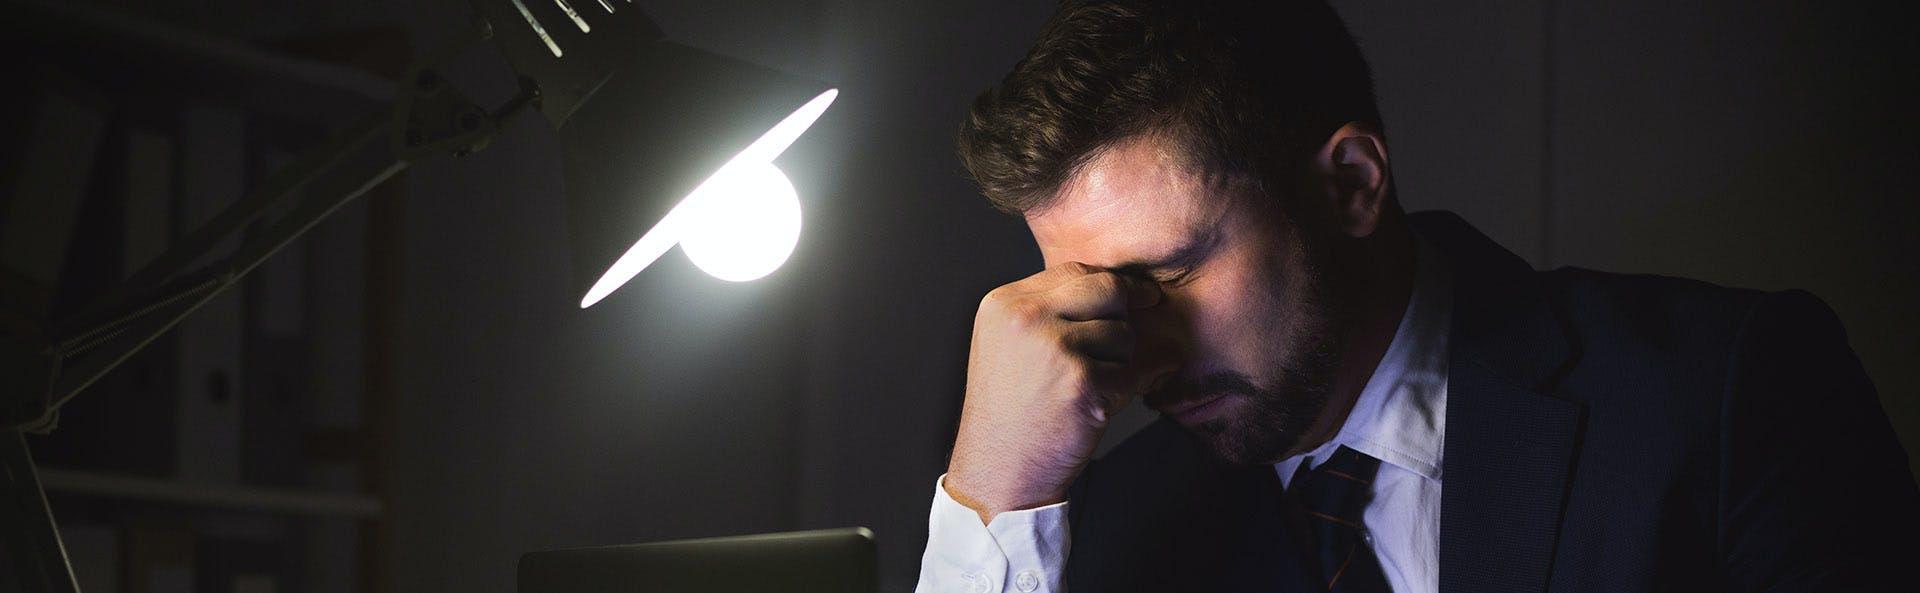 Hombre en la penumbra se toca la parte superior de la nariz en señal de dolor.